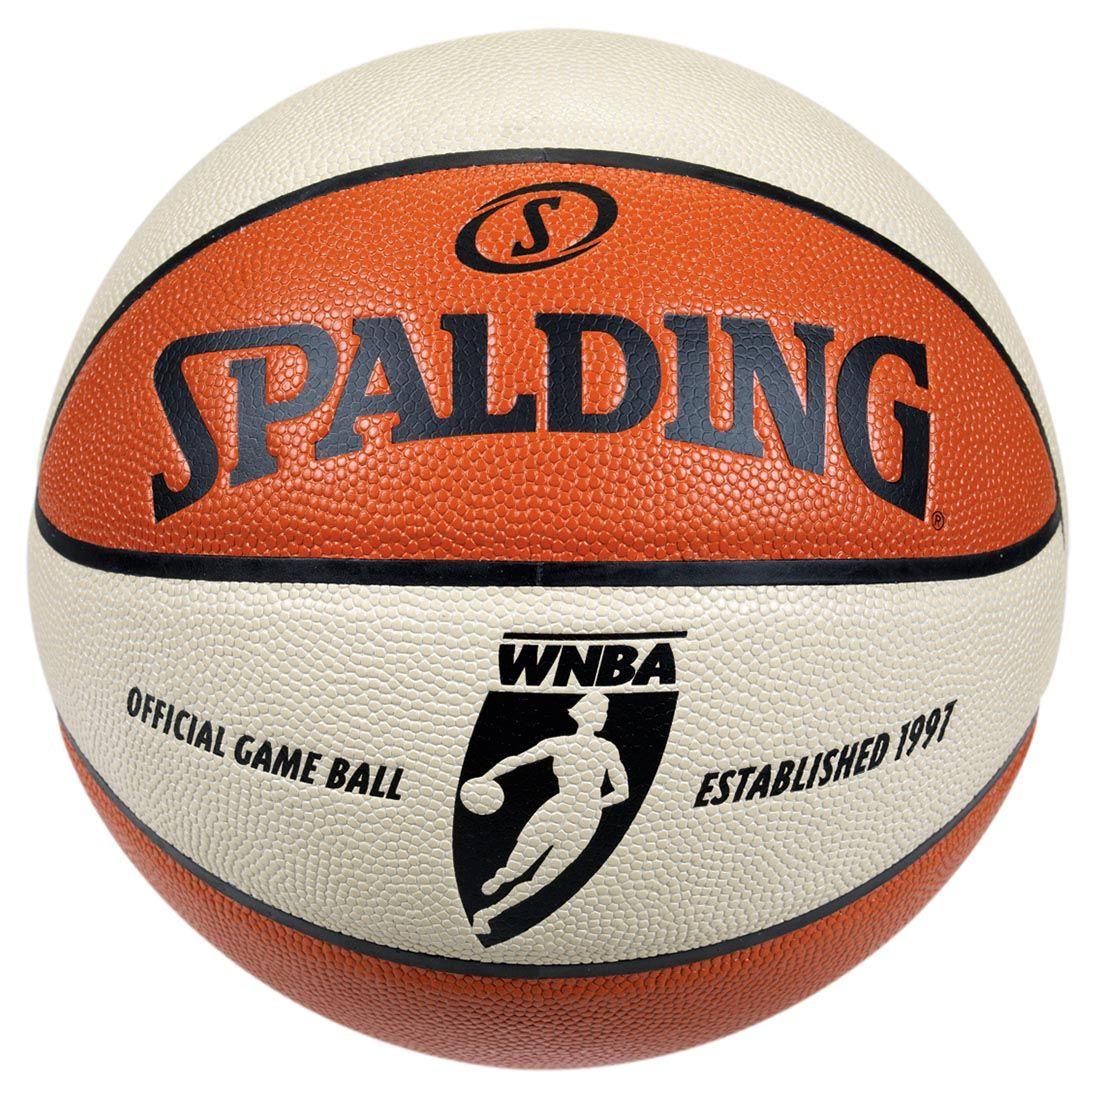 spalding official wnba game basketball. Black Bedroom Furniture Sets. Home Design Ideas